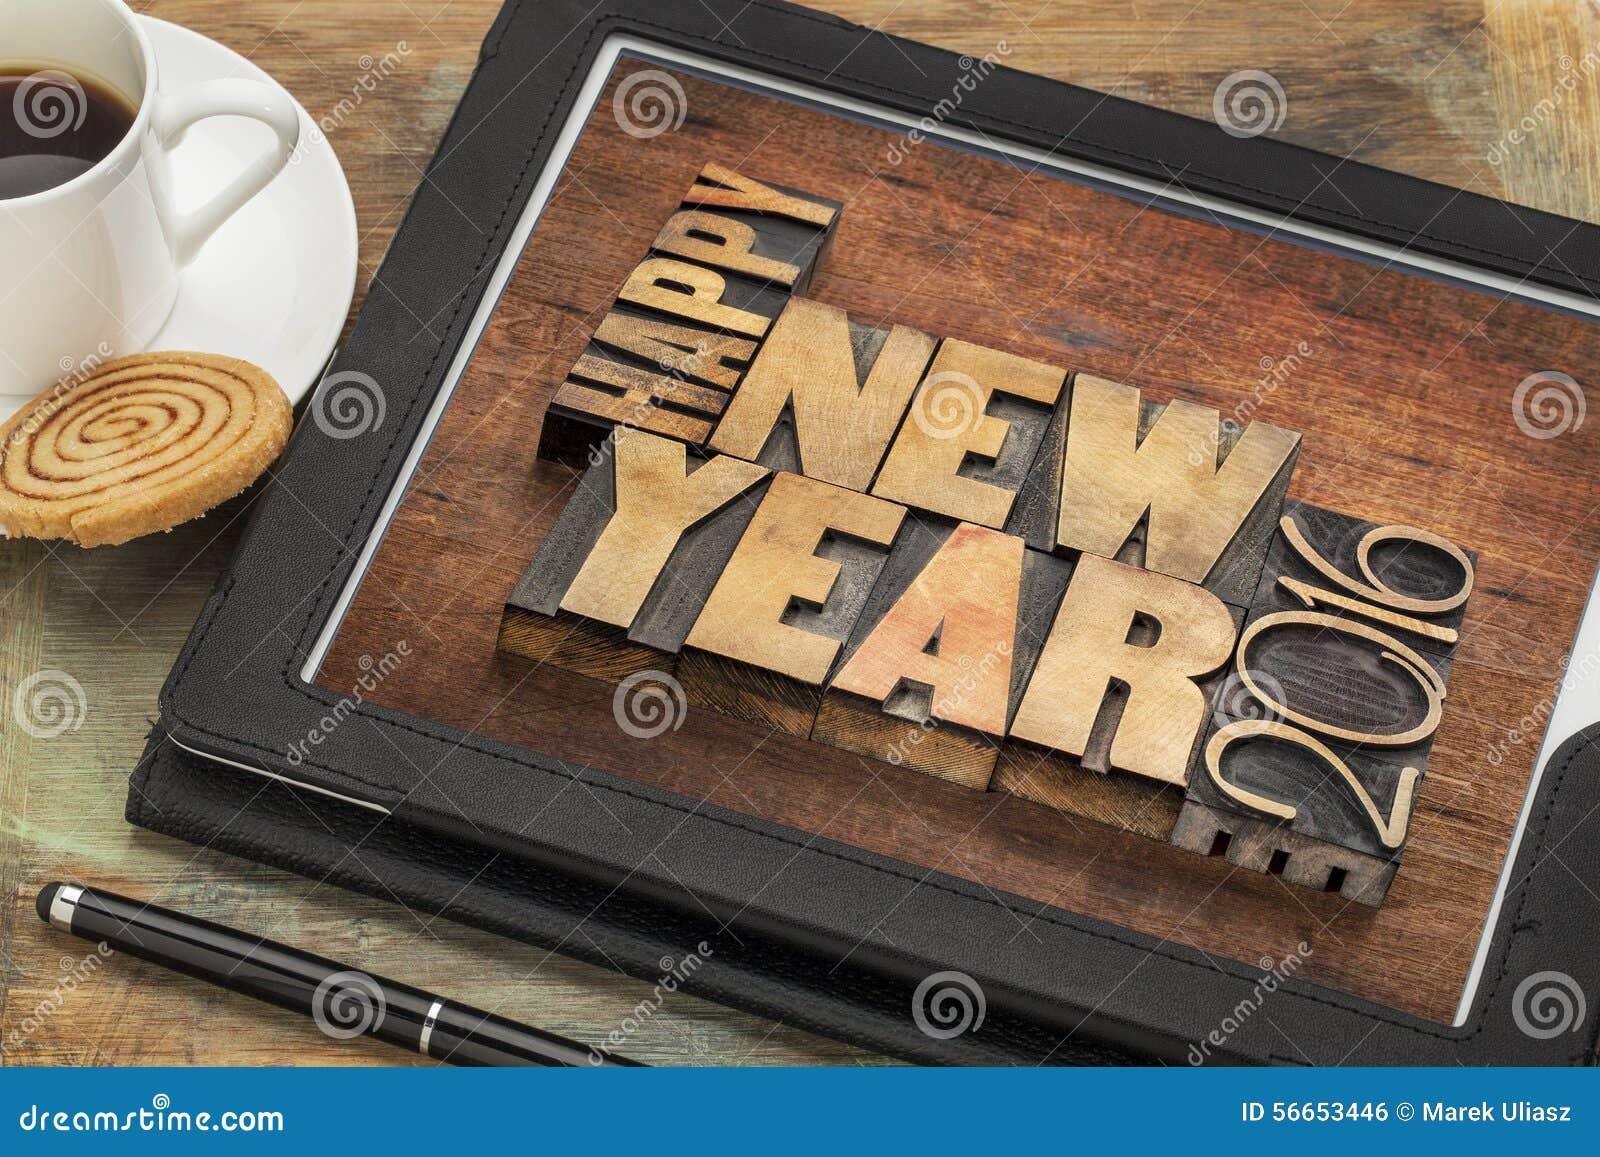 guten rutsch ins neue jahr 2016 auf tablette stockfoto bild 56653446. Black Bedroom Furniture Sets. Home Design Ideas